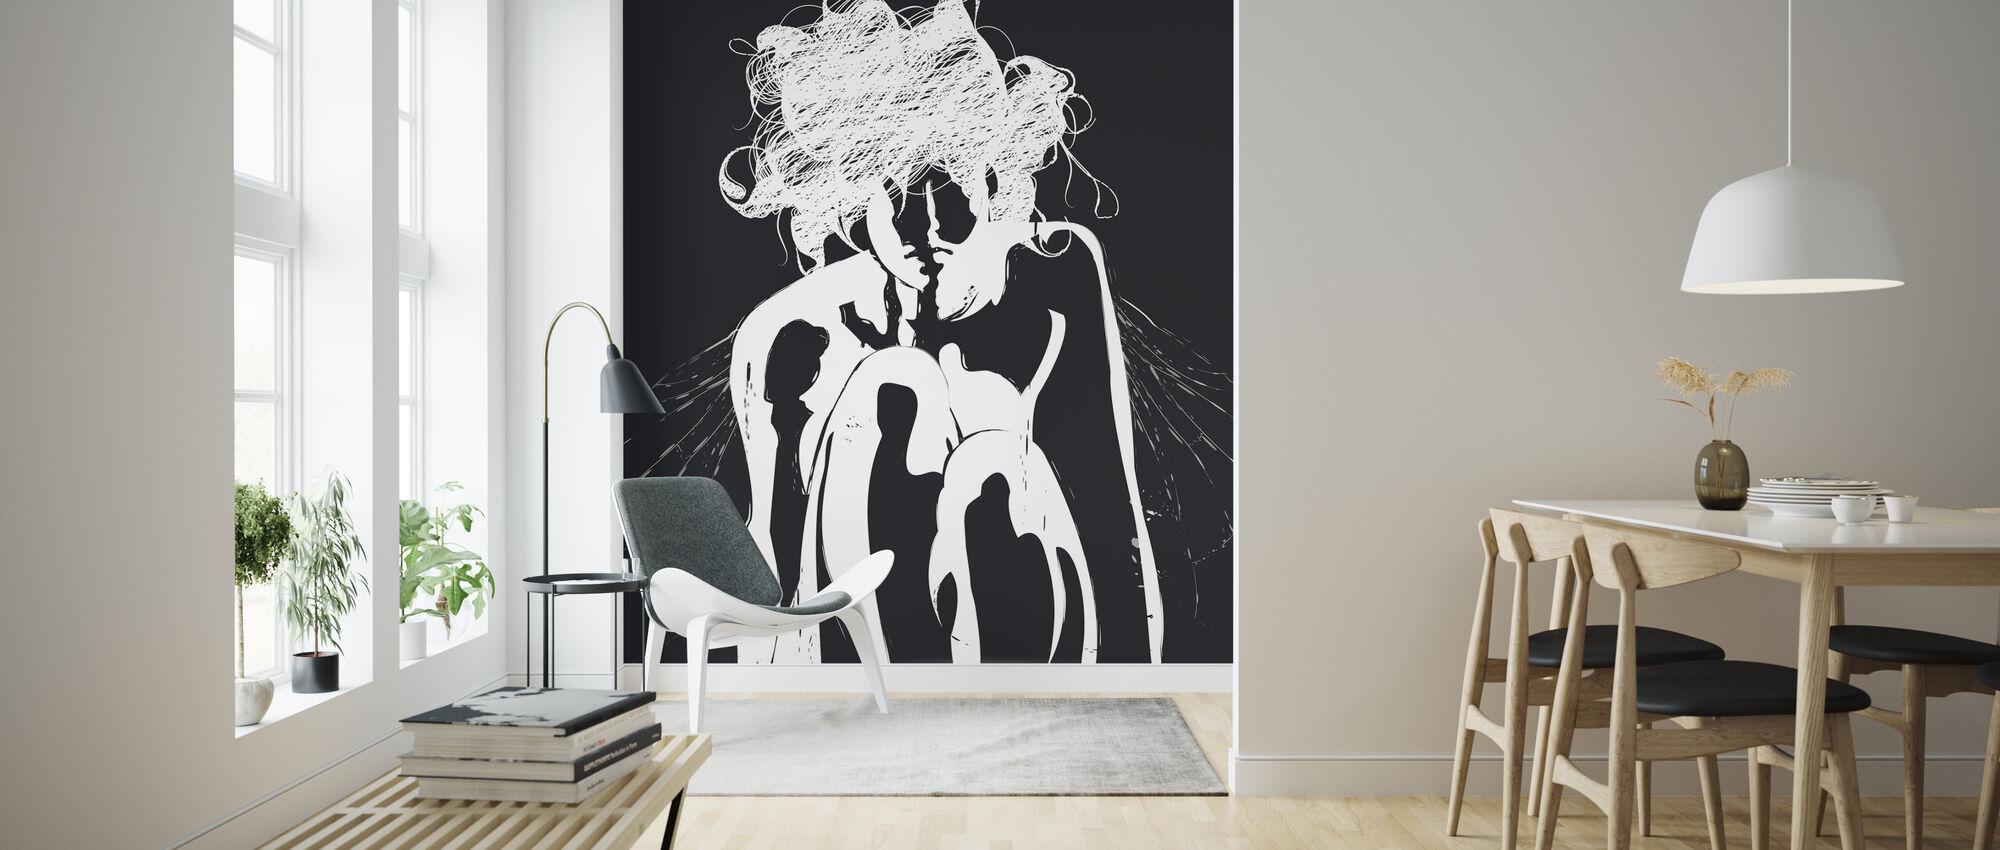 Tinker - Black - Wallpaper - Living Room